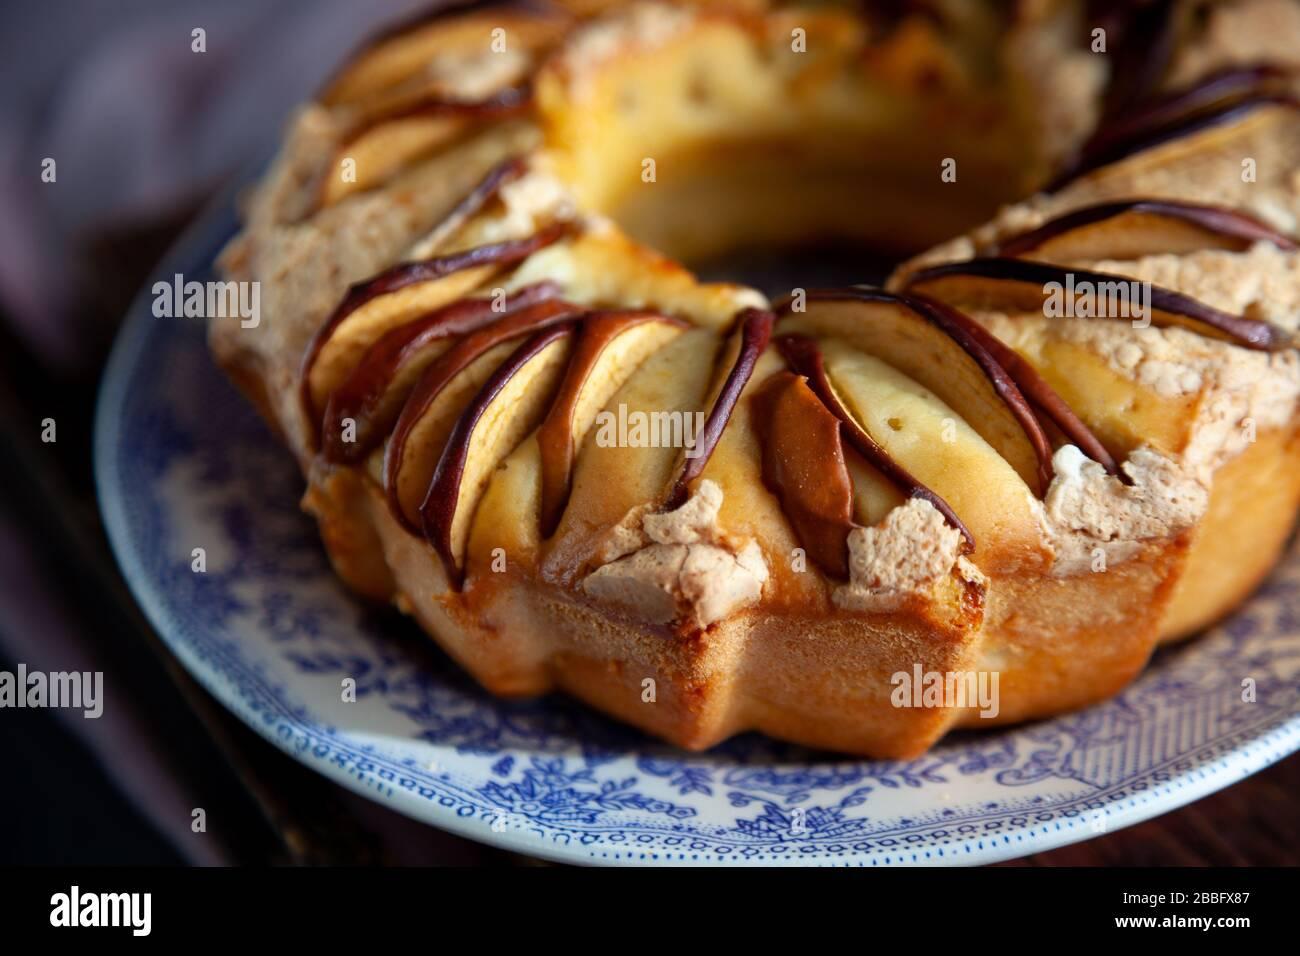 Tarte aux pommes ronde. Pâtisseries maison. Cupcake avec pommes sur une table en bois. Nourriture simple. Banque D'Images